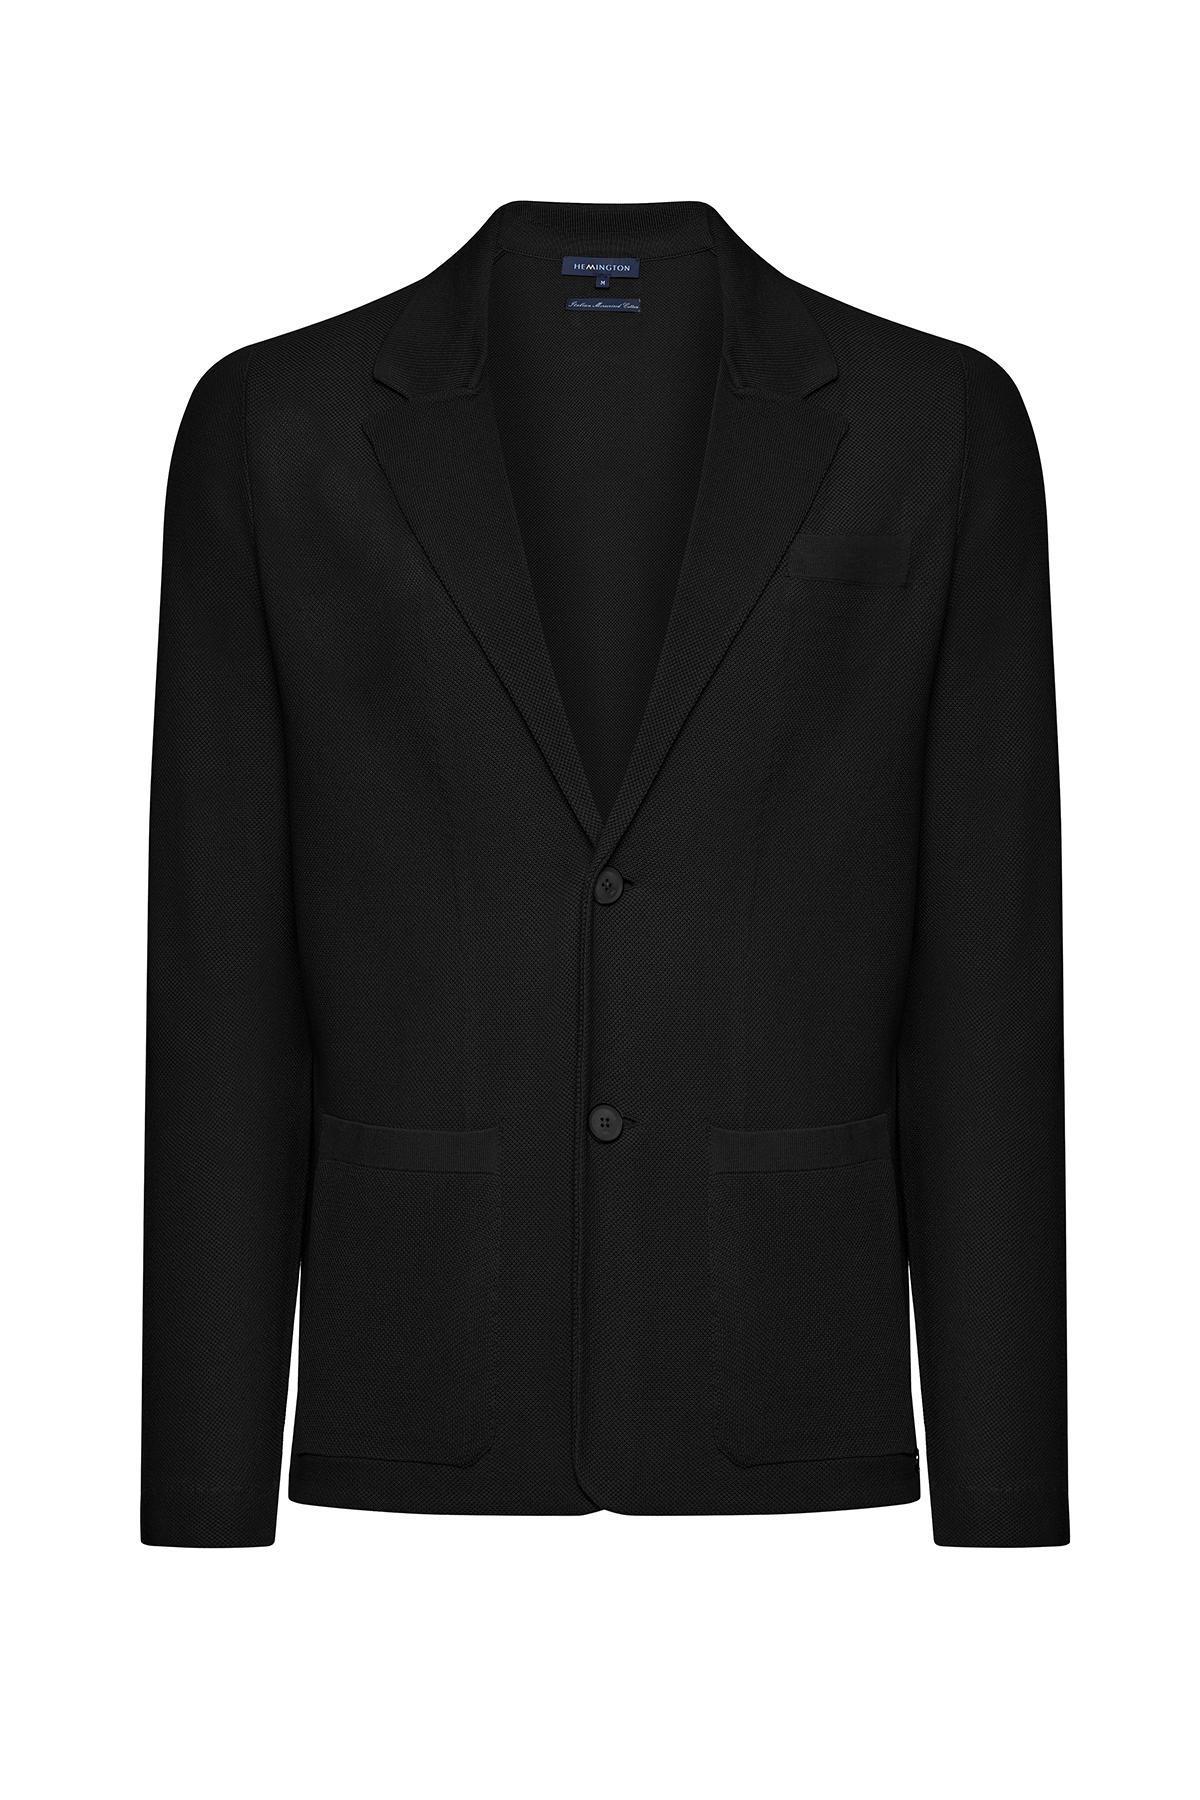 İtalyan Pamuk Siyah Triko Yazlık Ceket